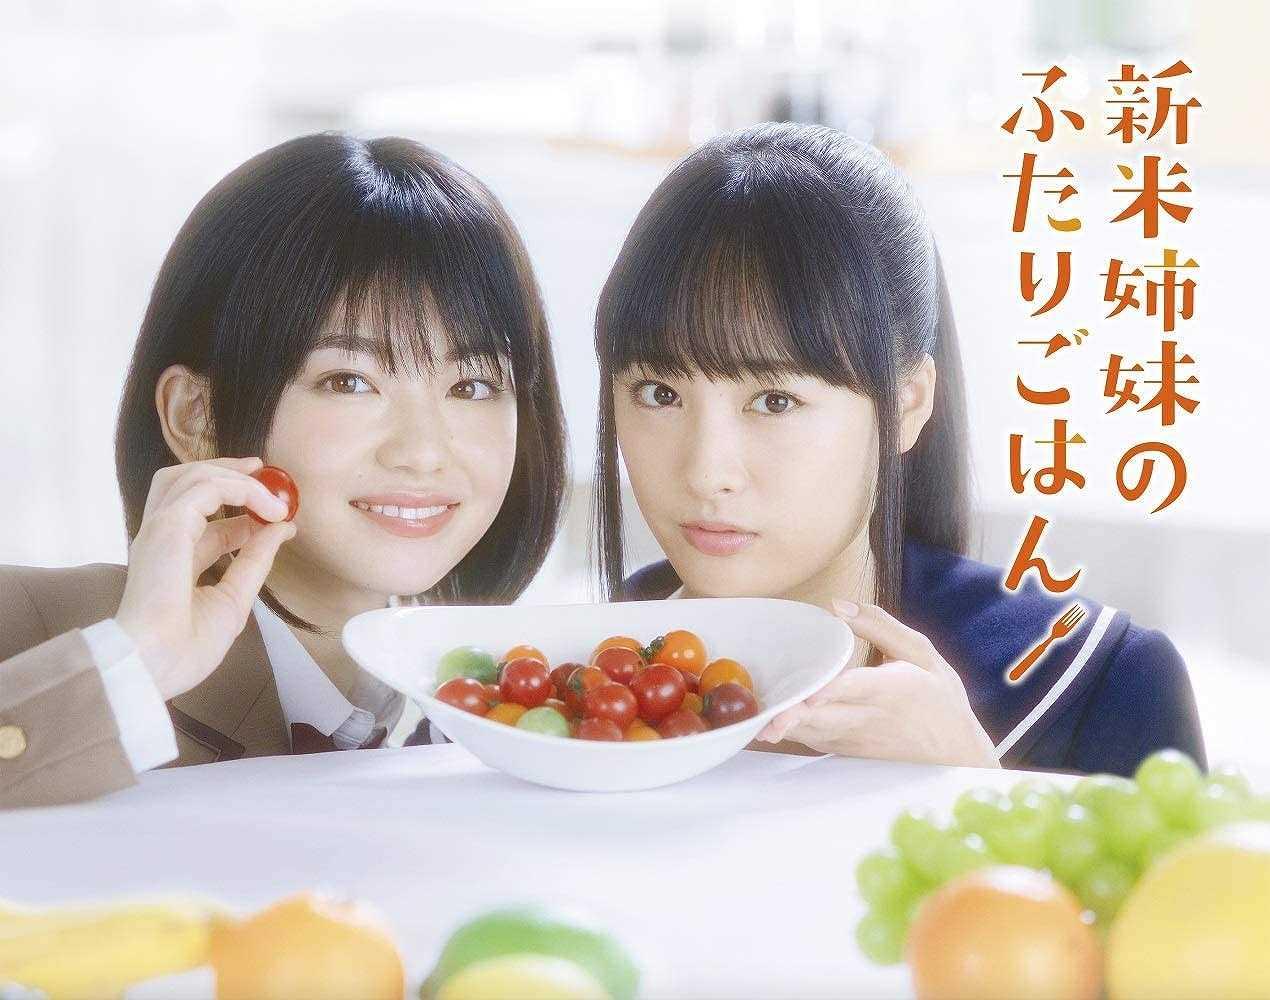 ドラマ「新米姉妹のふたりごはん」大切な人と一緒にご飯を食べて、身も心も温まろう